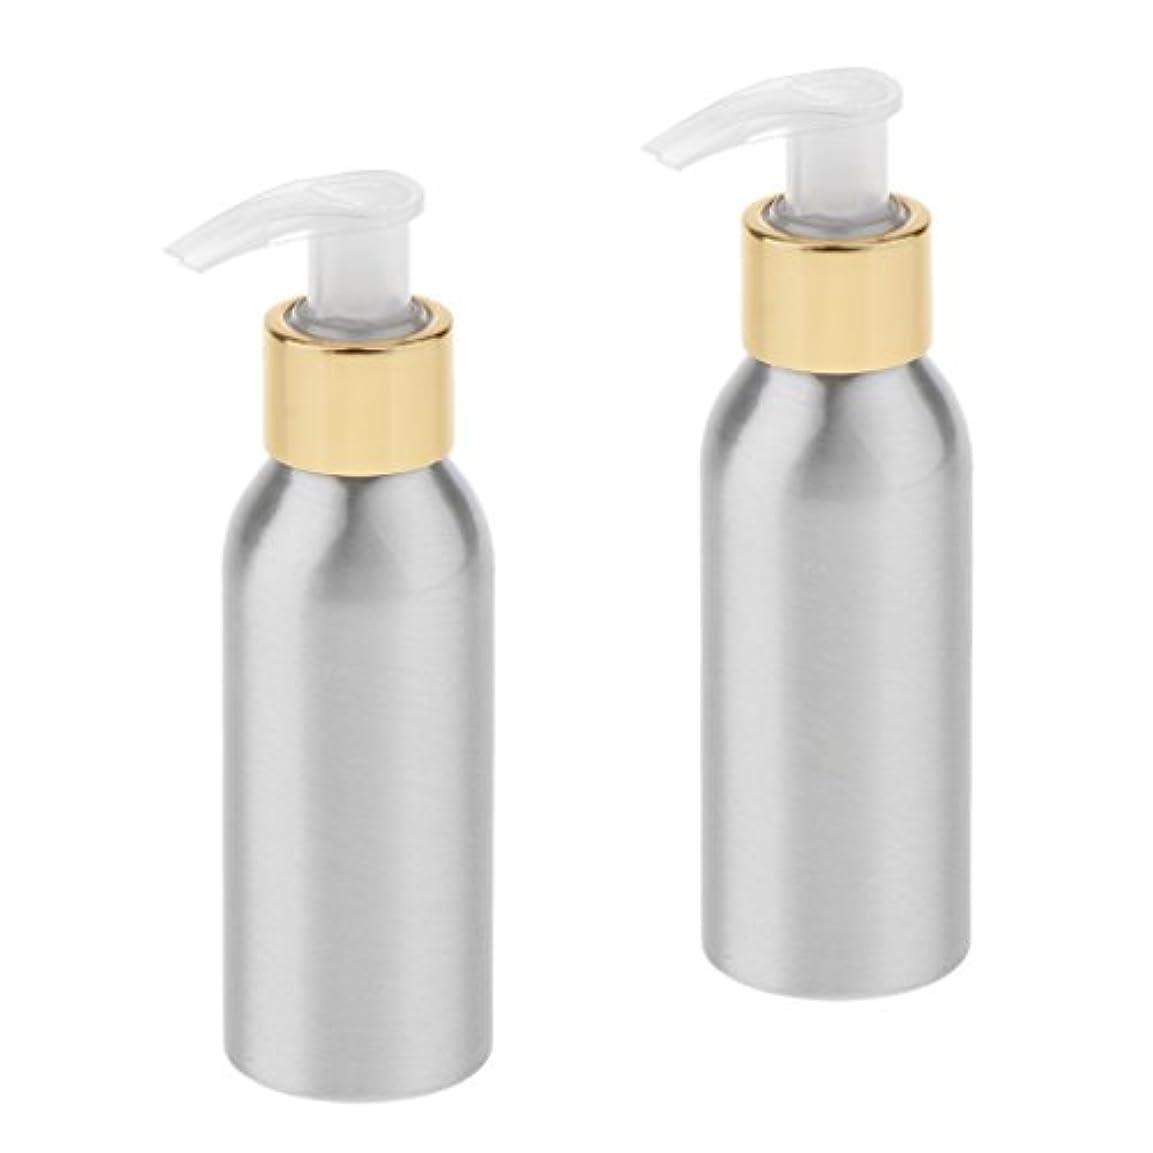 支給ダイバーソビエトSharplace ポンプボトル スプレーボトル 噴霧器 アルミボトル 旅行 出張 用品 詰替え 化粧品 2本入り 全6サイズ - 250ml